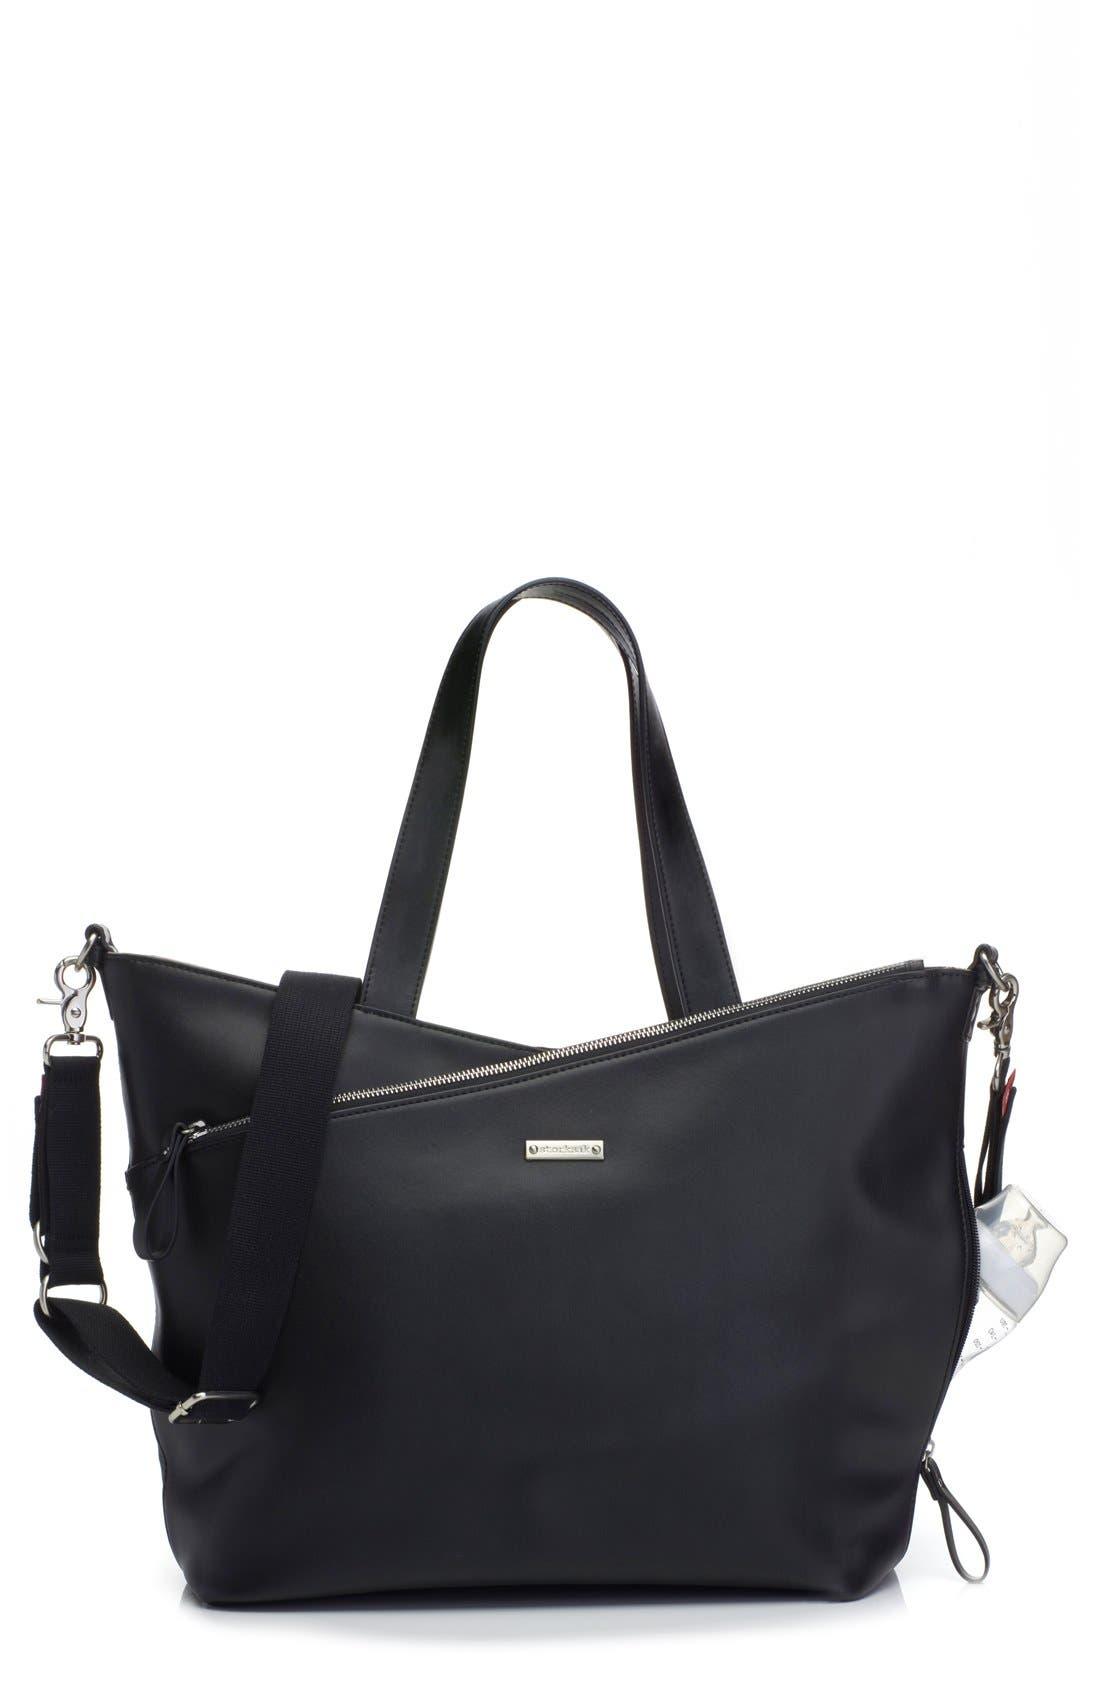 'Lucinda' Diaper Bag Leather Tote,                         Main,                         color, 005